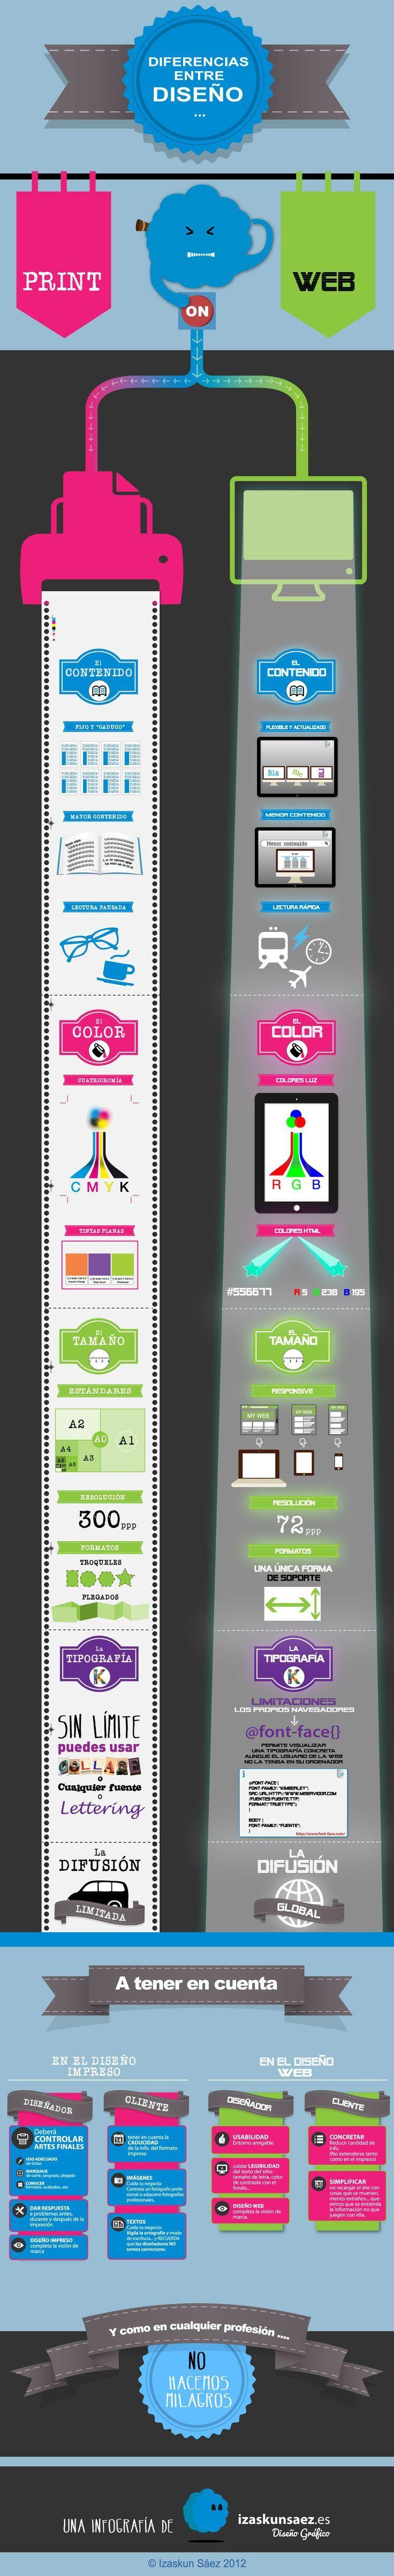 Diferencias entre diseño print y web.